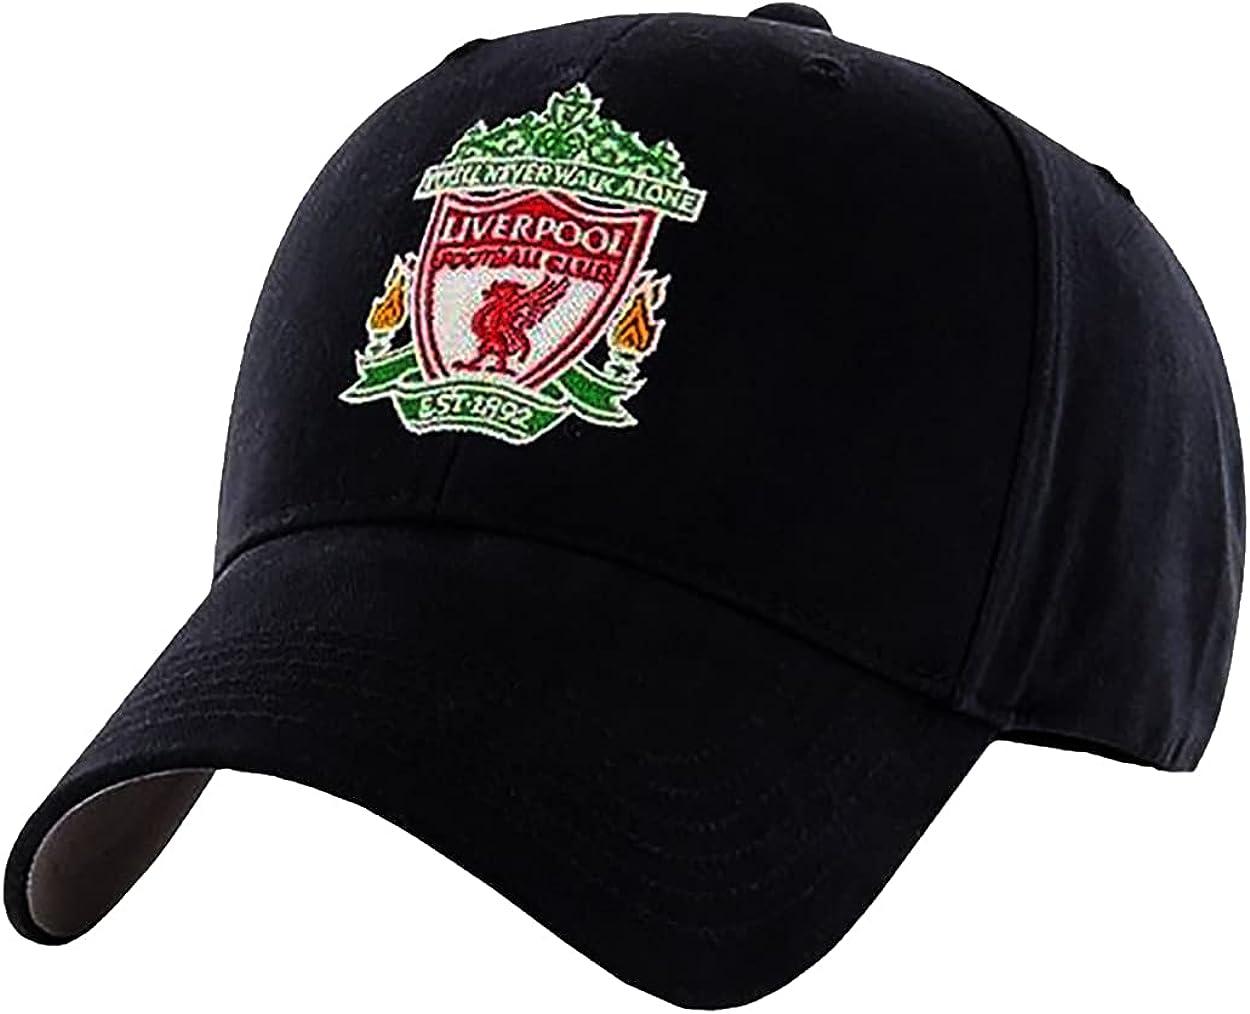 Al sold out. Award Liverpool FC Black Crest Cap EPL Merchandise Authentic -